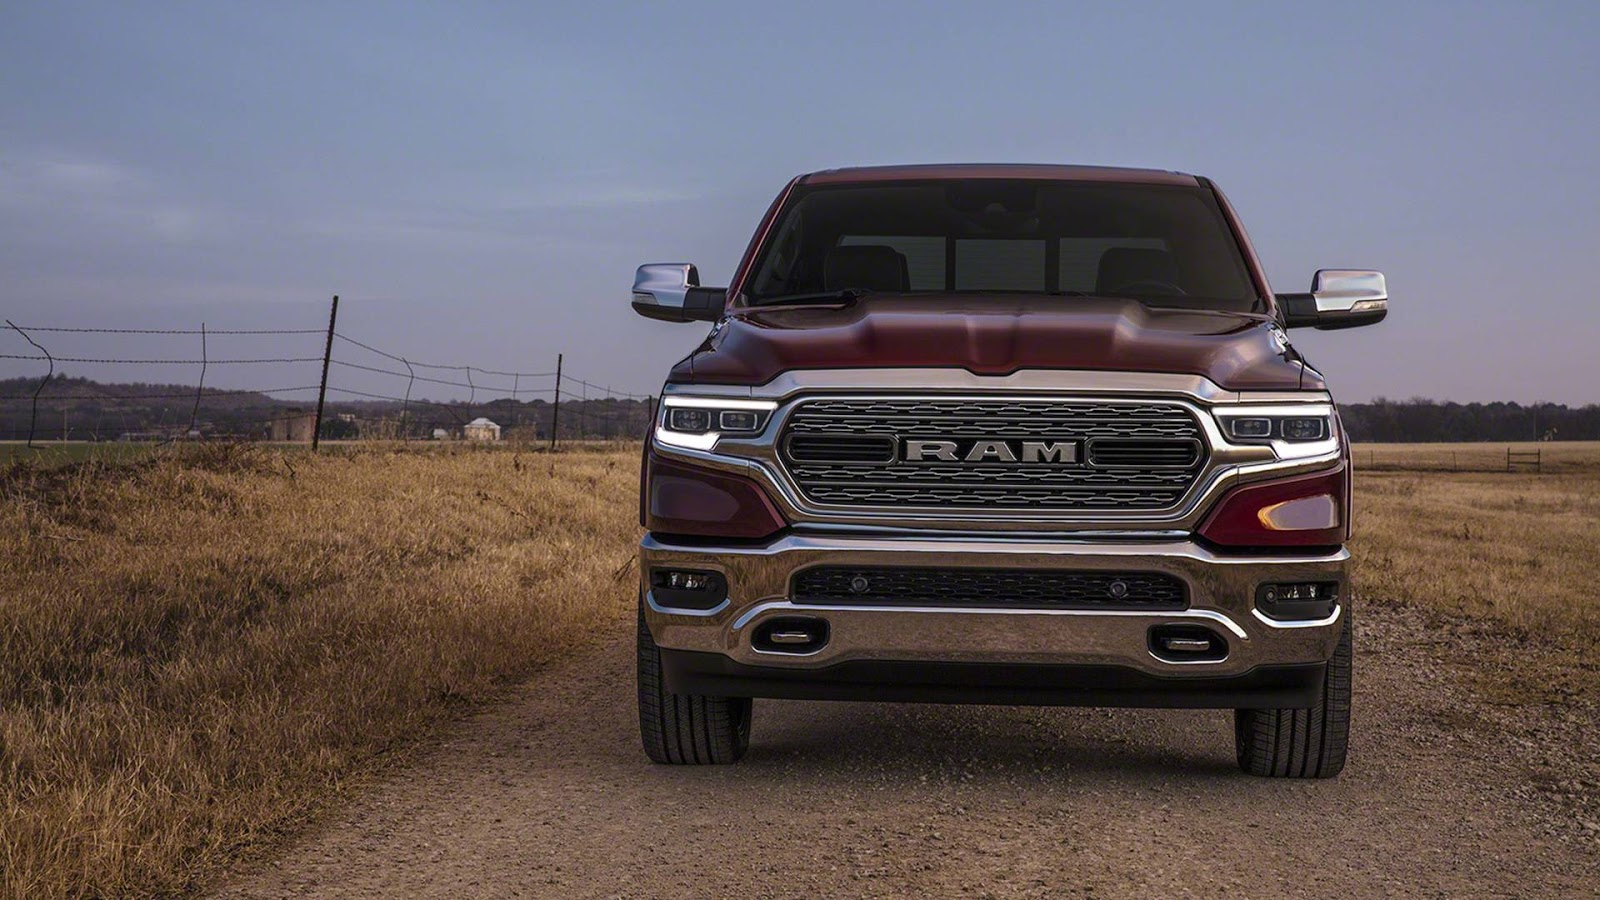 2019-ram-1500 (4)